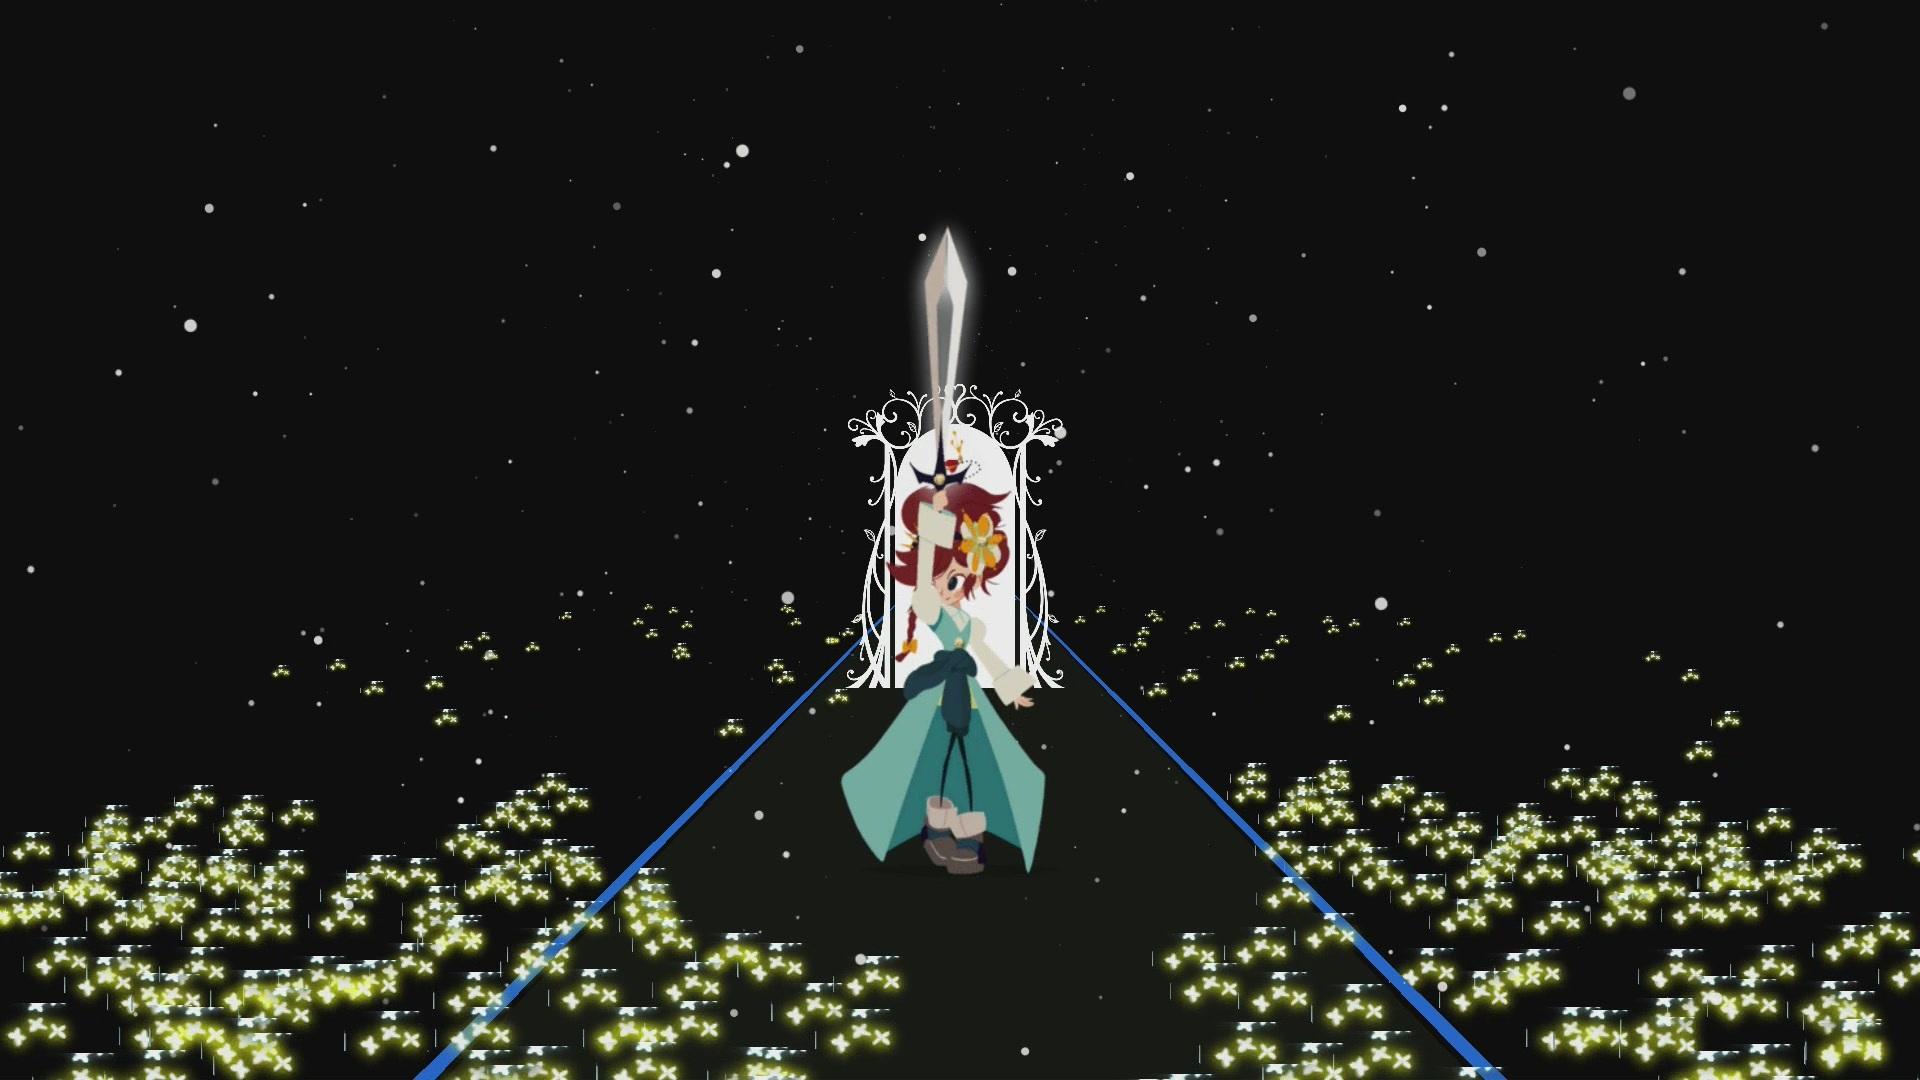 水晶传说 (7)